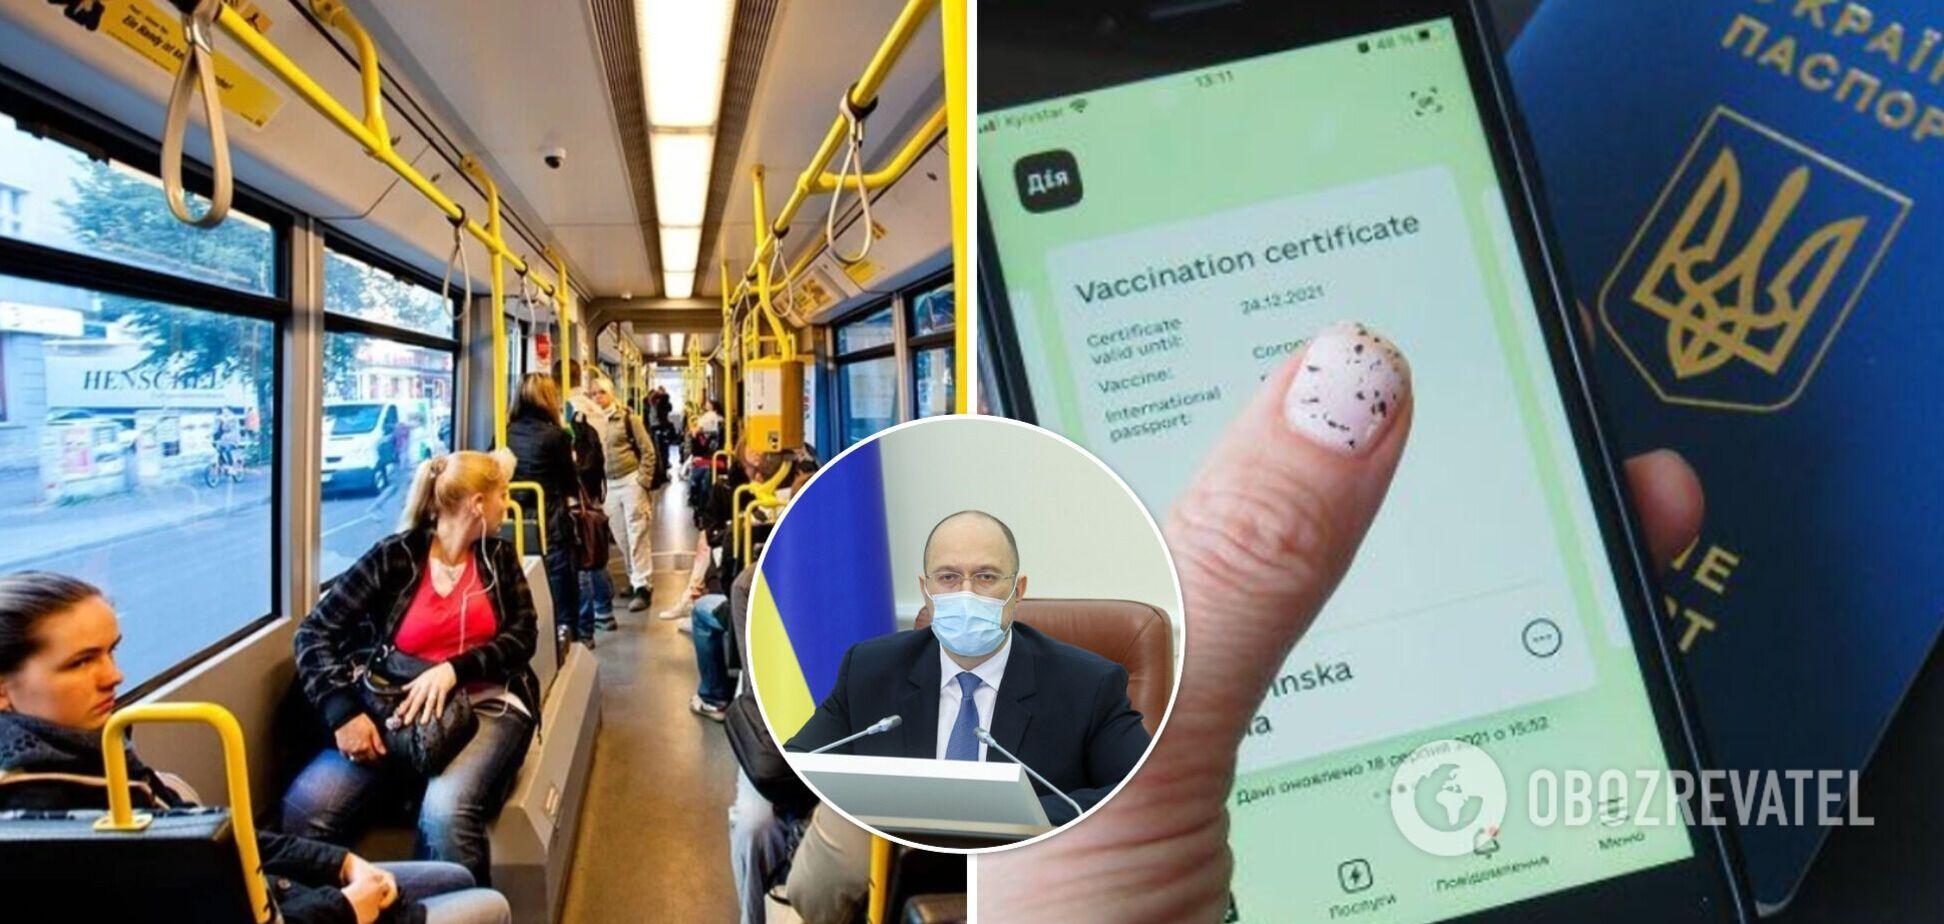 Чи будуть вимагати в Україні паспорти вакцинації для поїздок у транспорті: влада дала відповідь